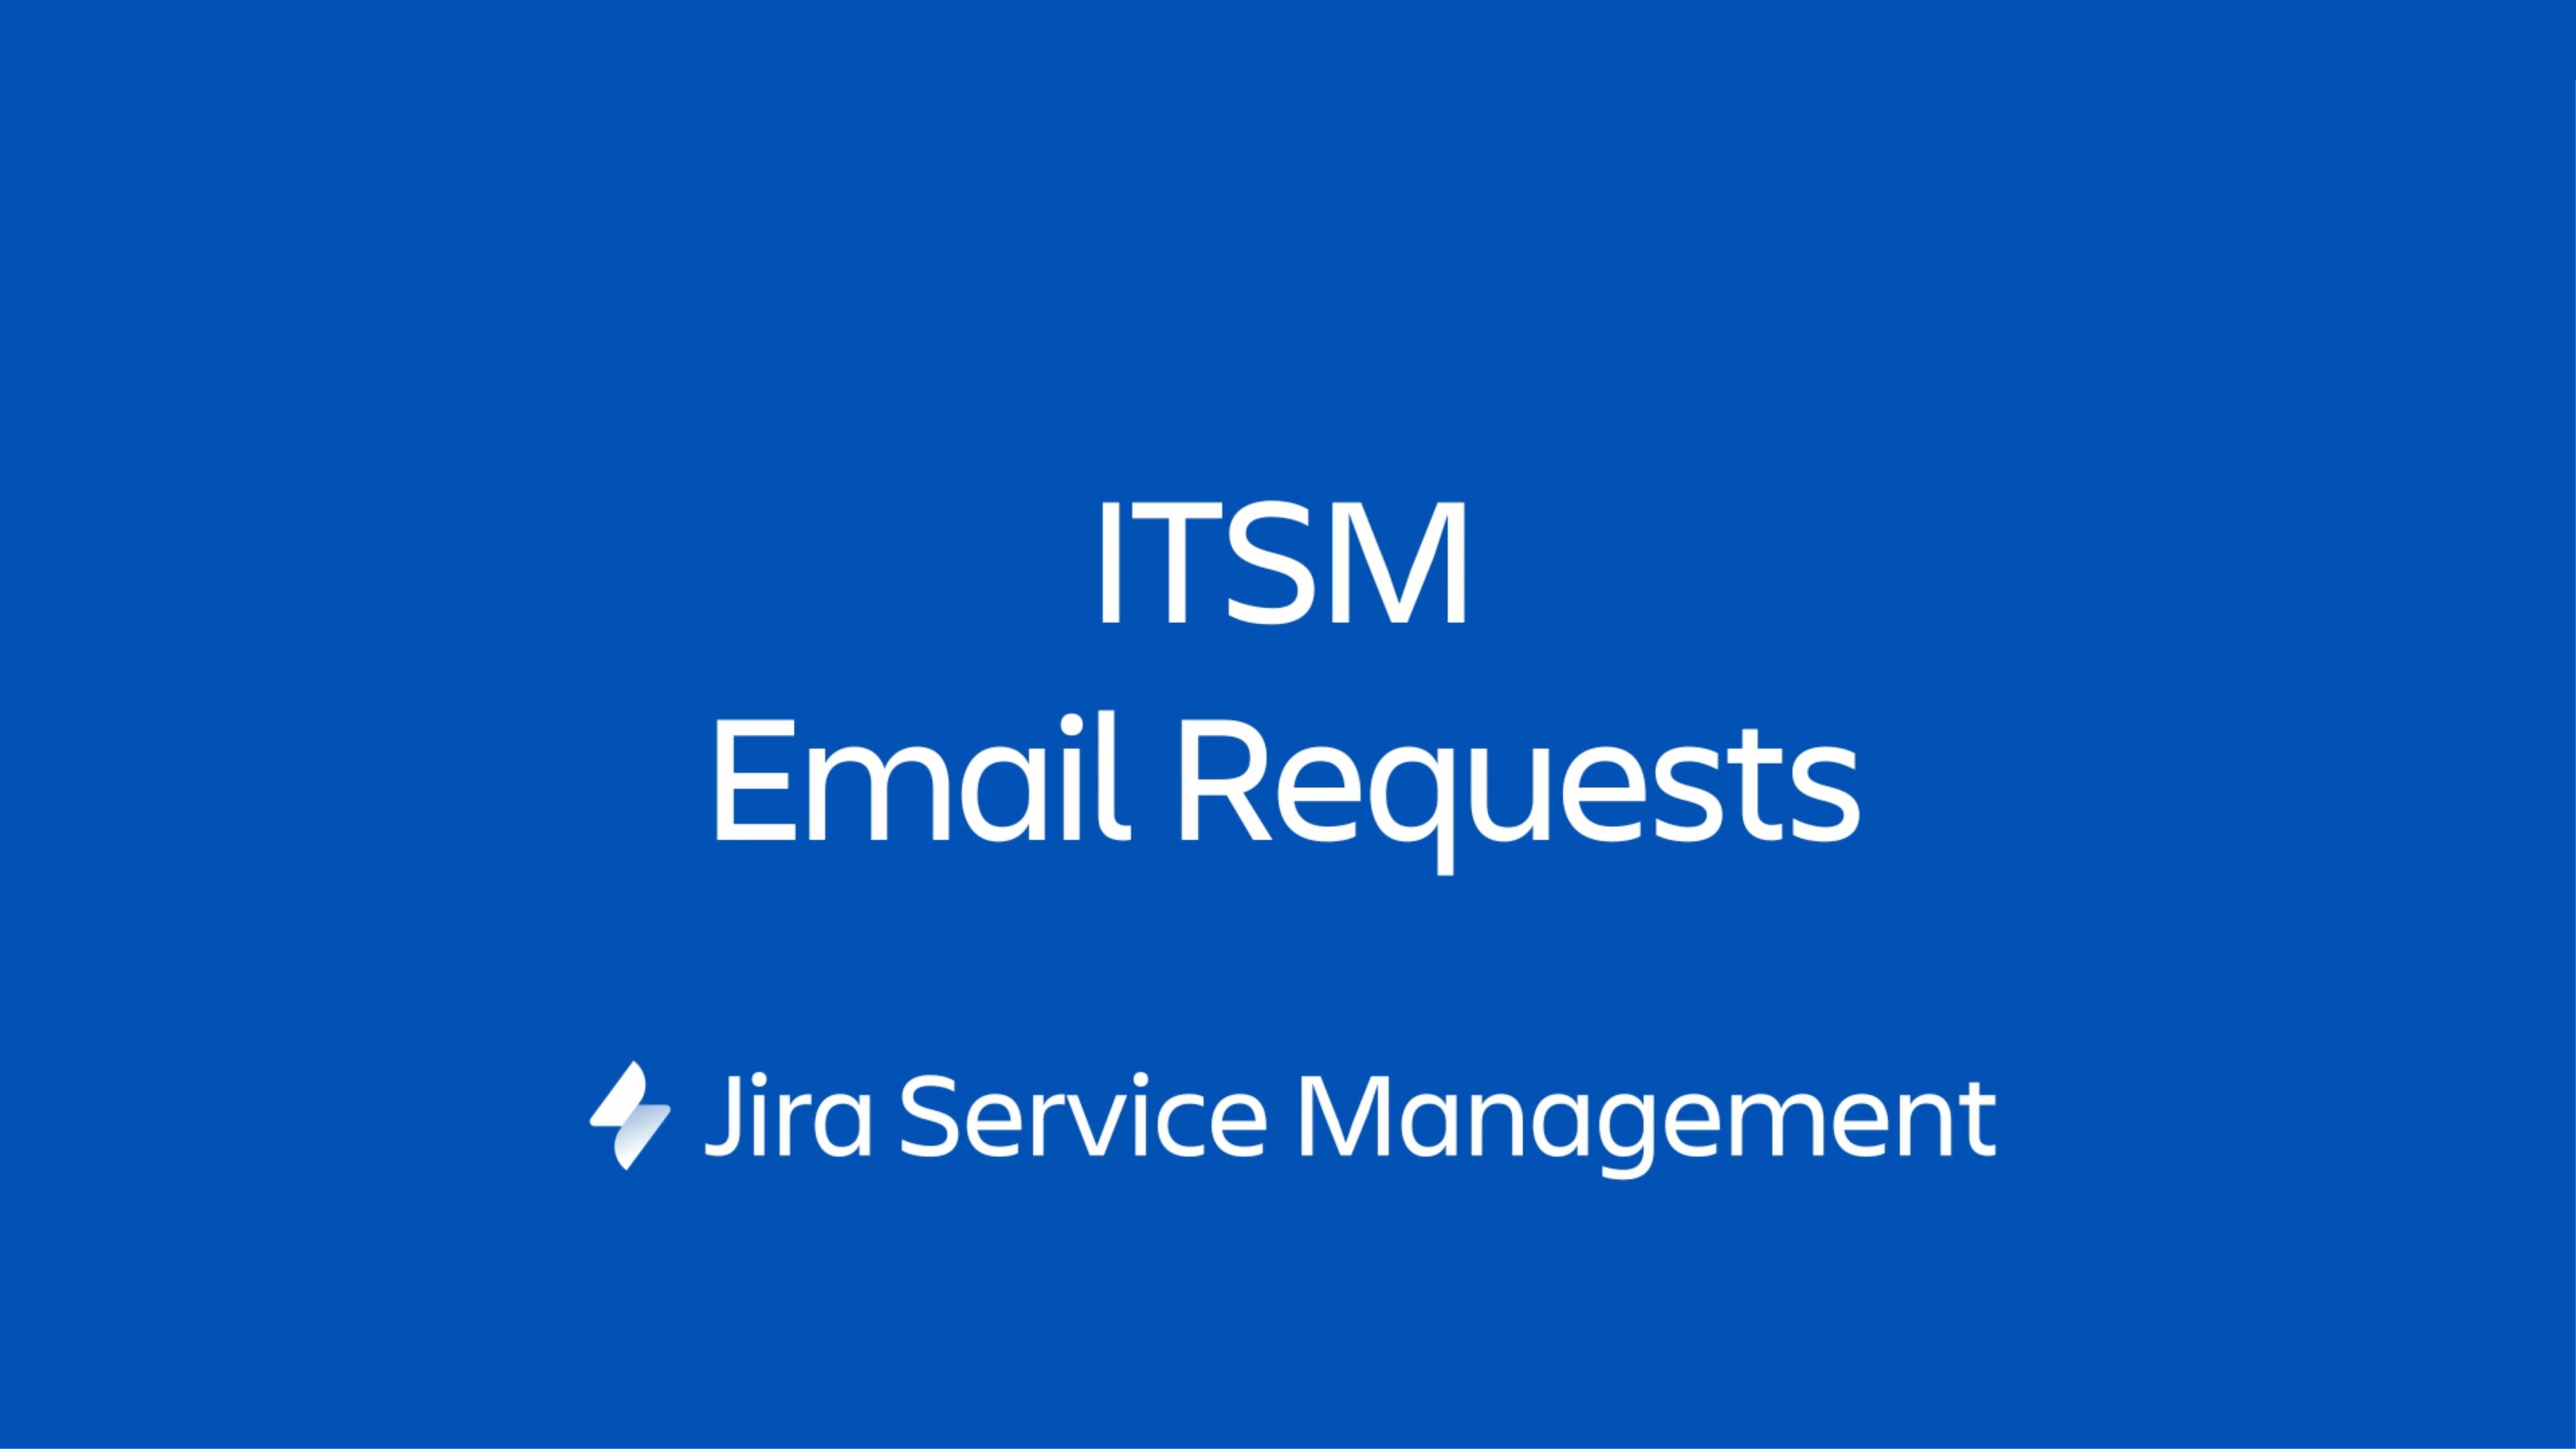 Solicitudes por correo electrónico de ITSM en Jira Service Management